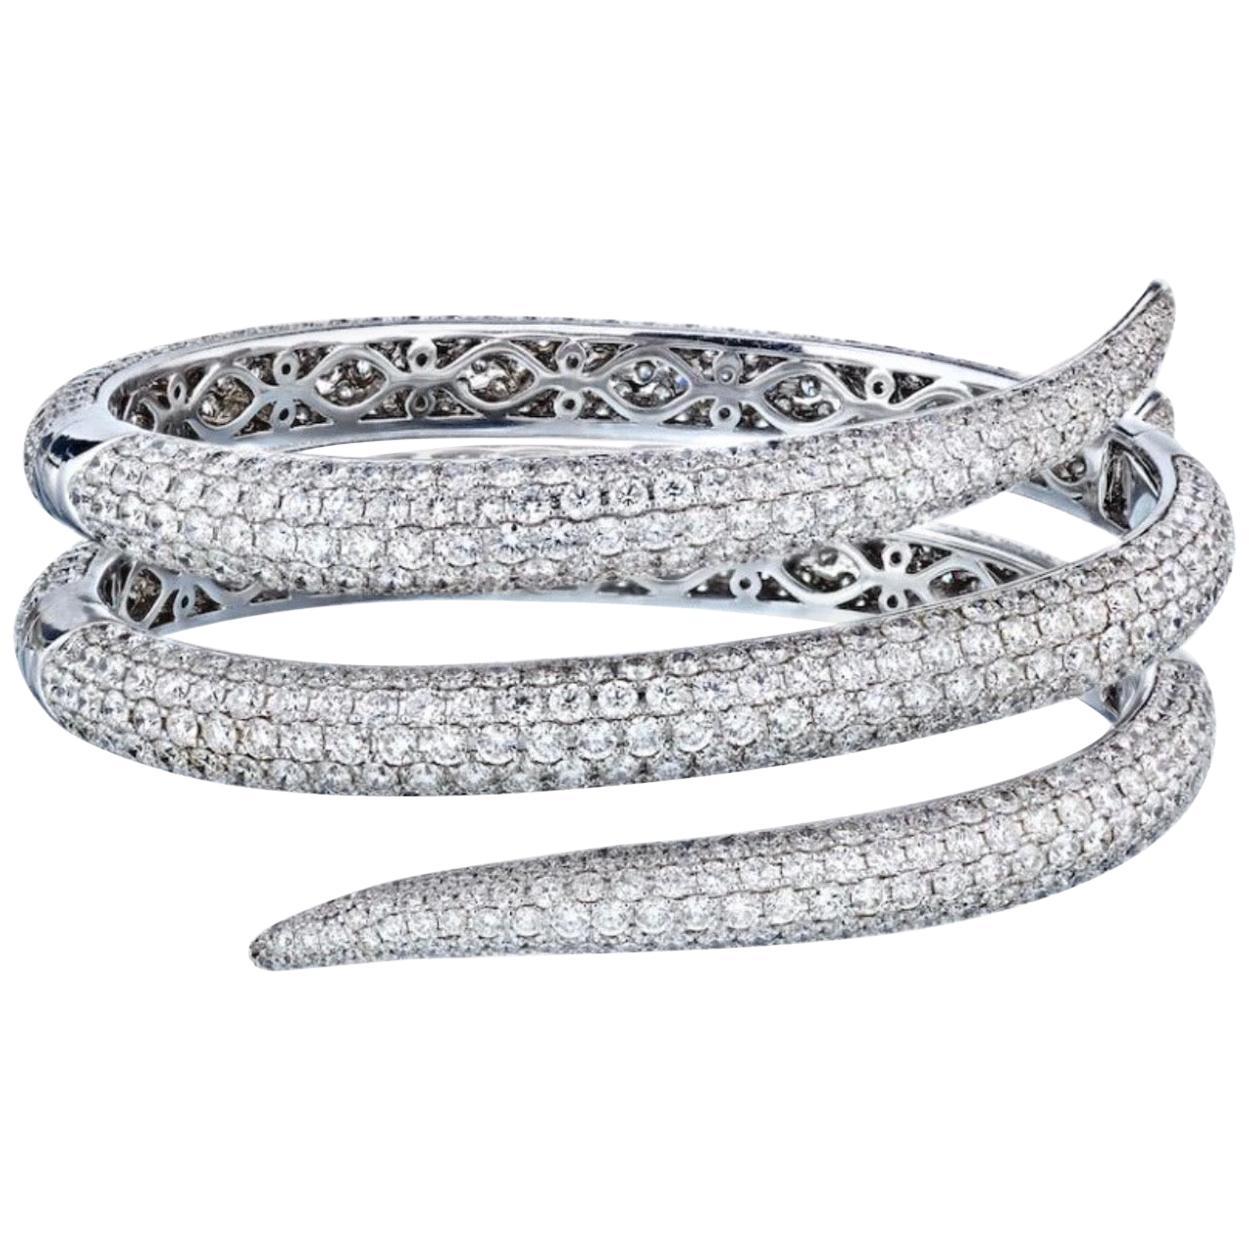 Roberto Coin 18 Karat White Gold 23 Carat Diamond Wrap Around Bangle Bracelet